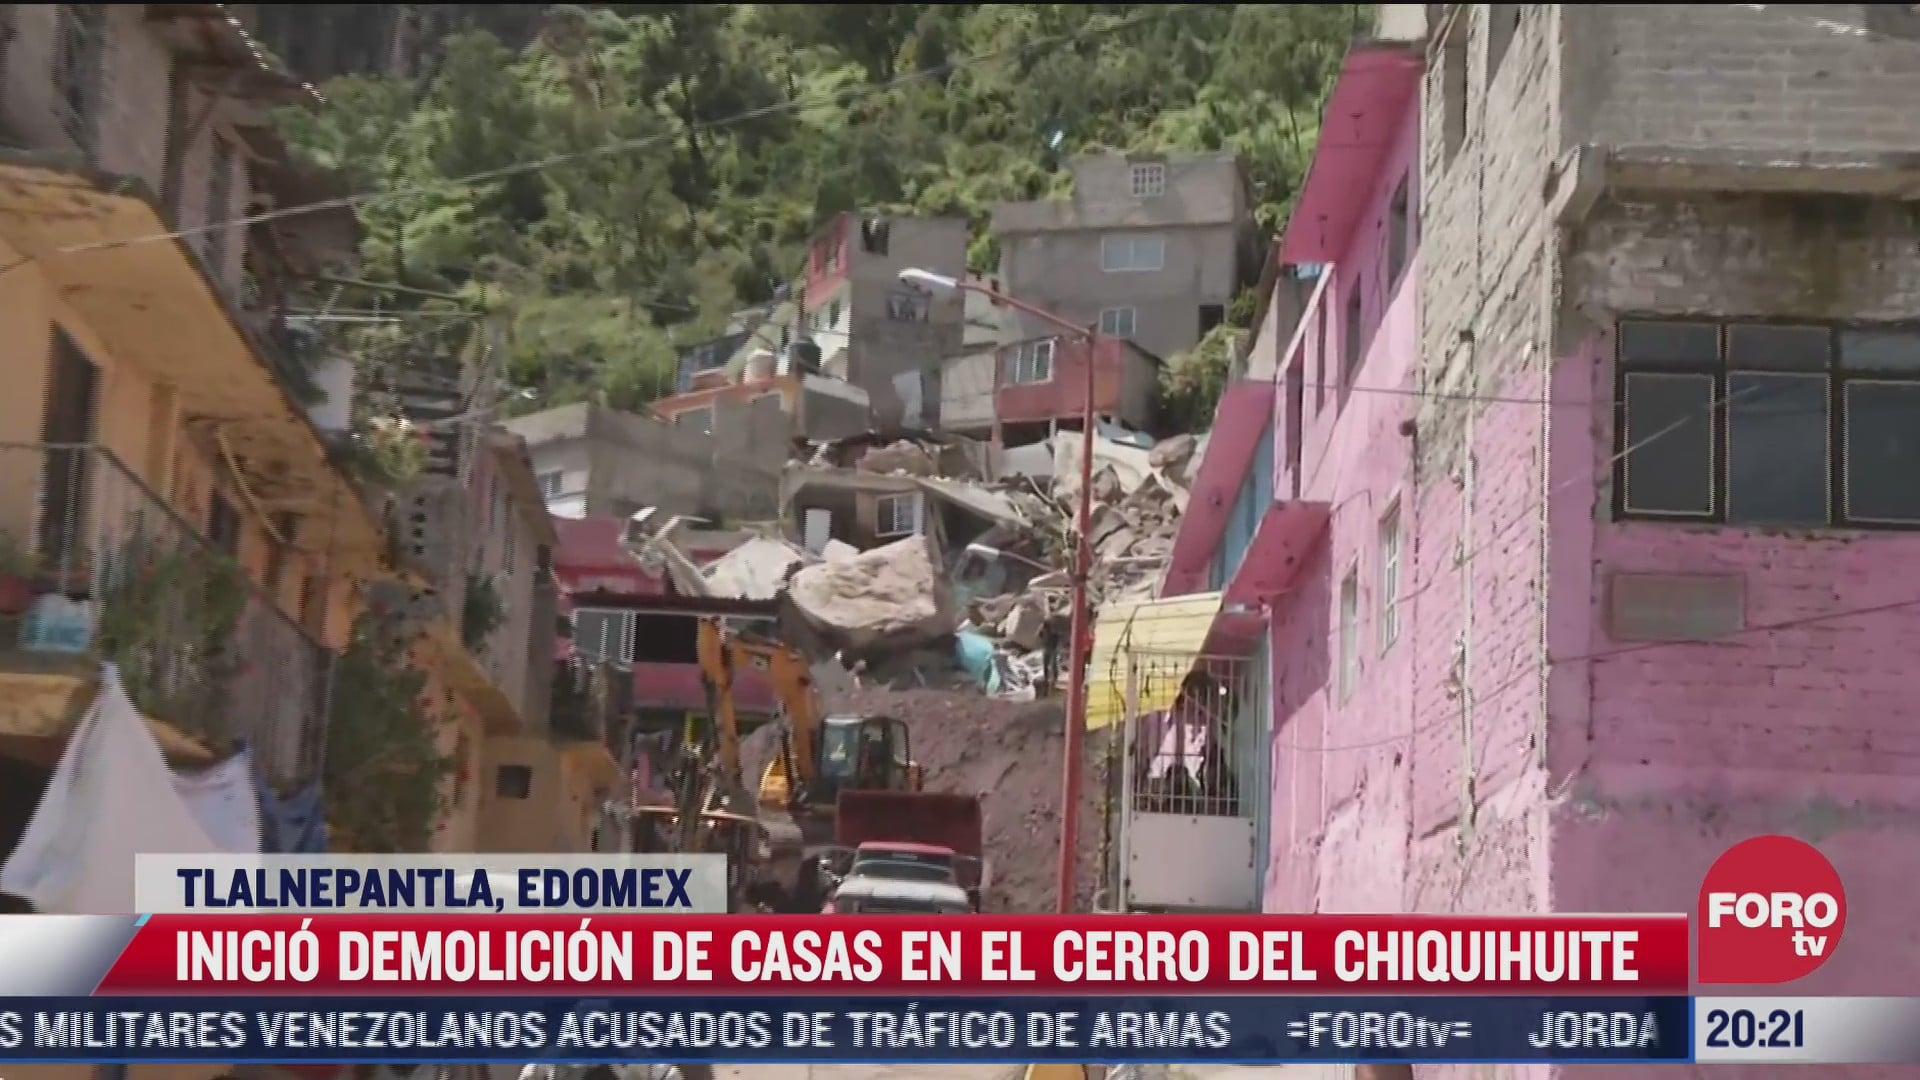 autoridades demuelen cuatro casas en el cerro del chiquihuite